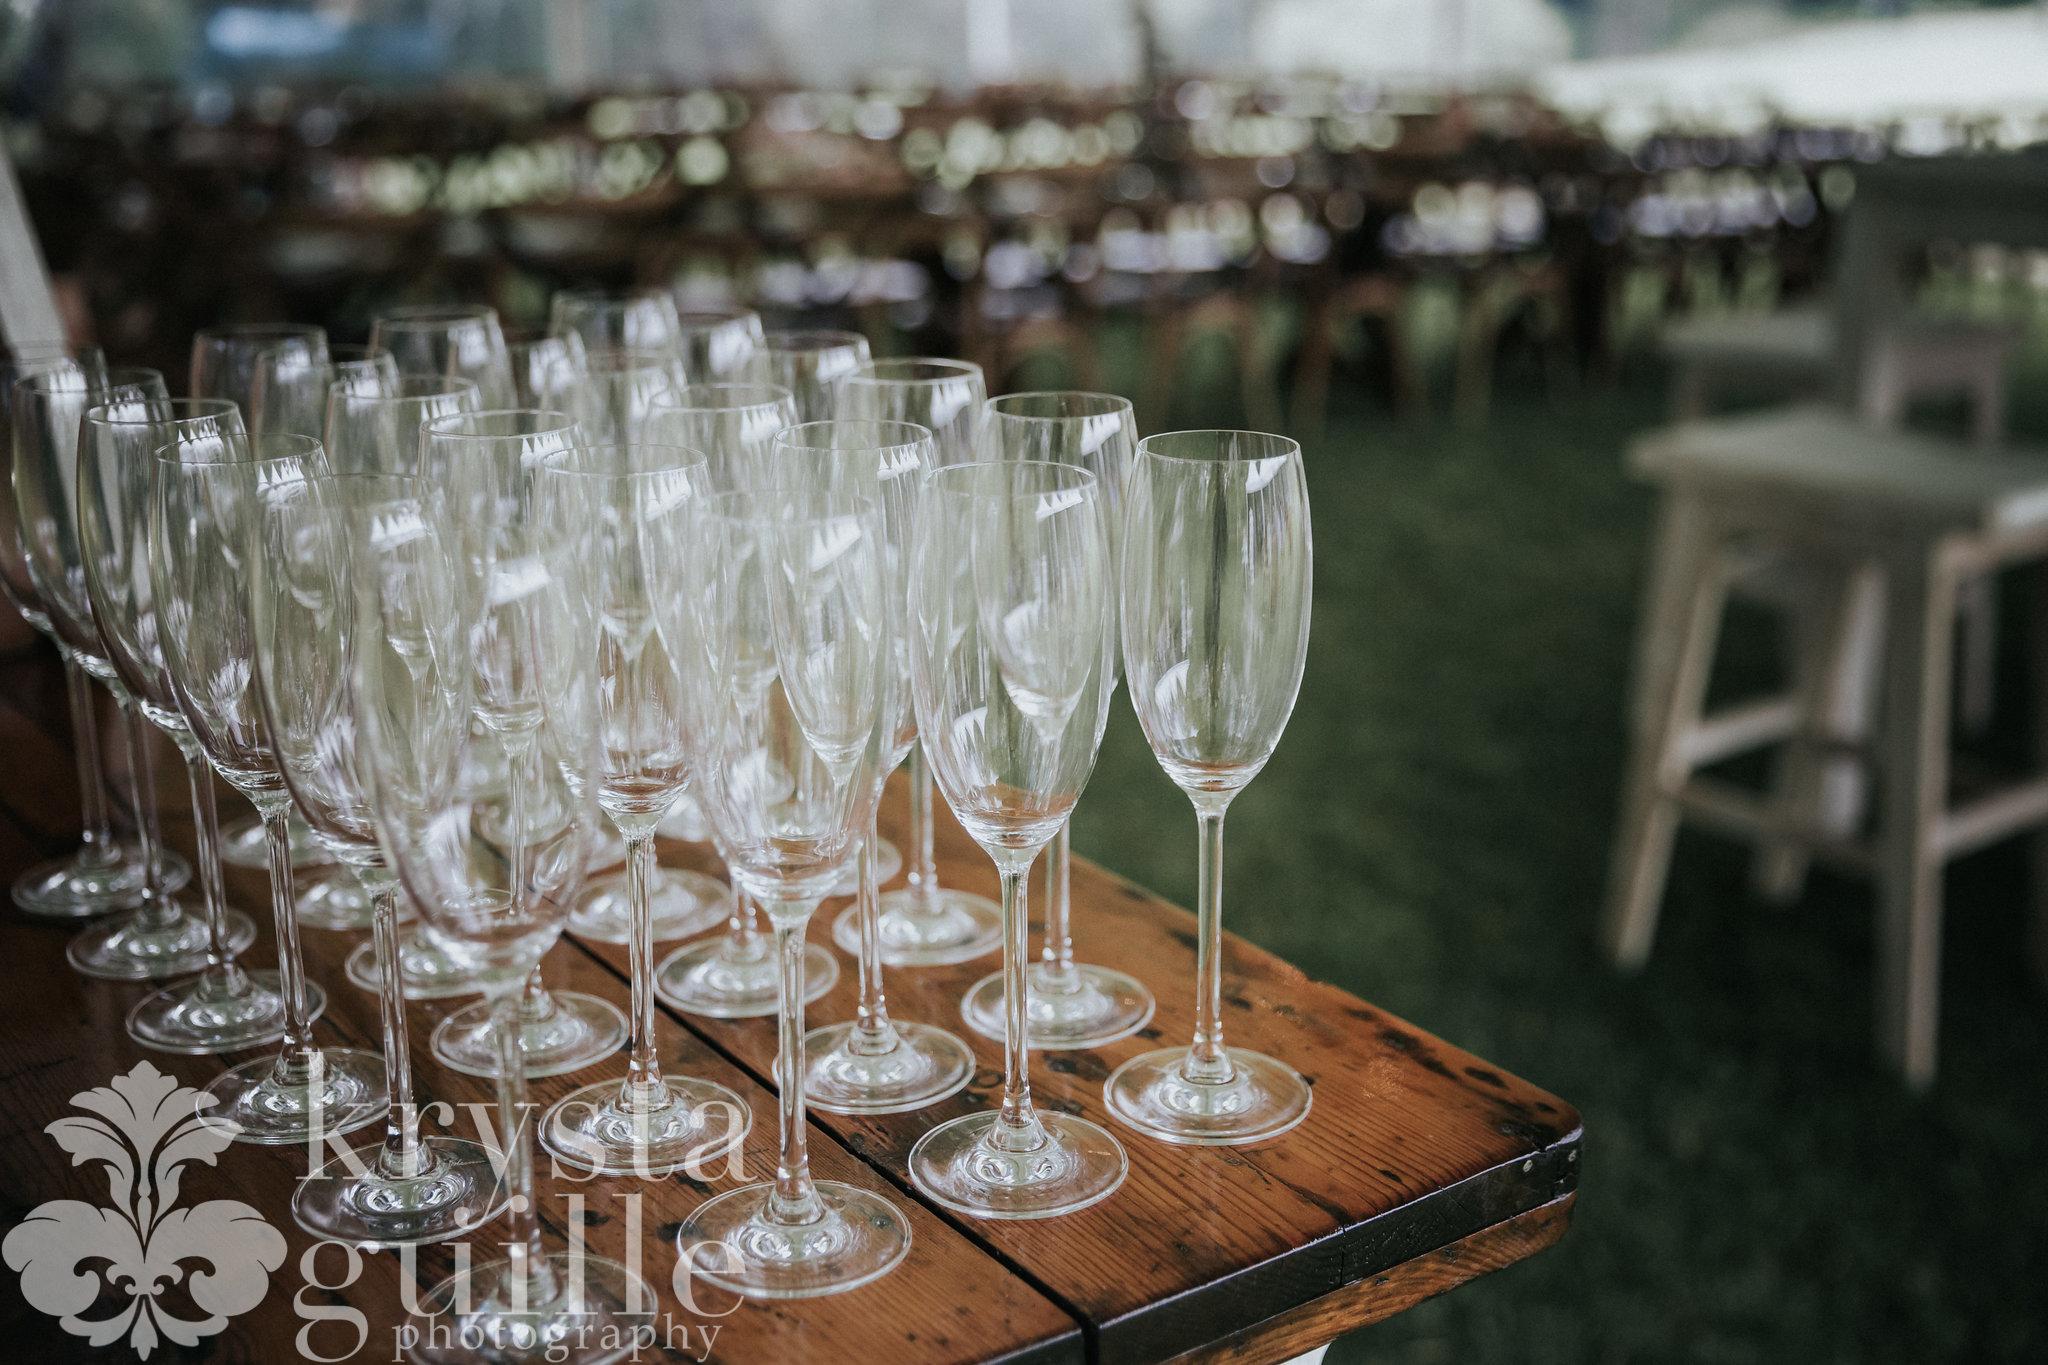 029_Wedding_Gala_krystaguille.jpg